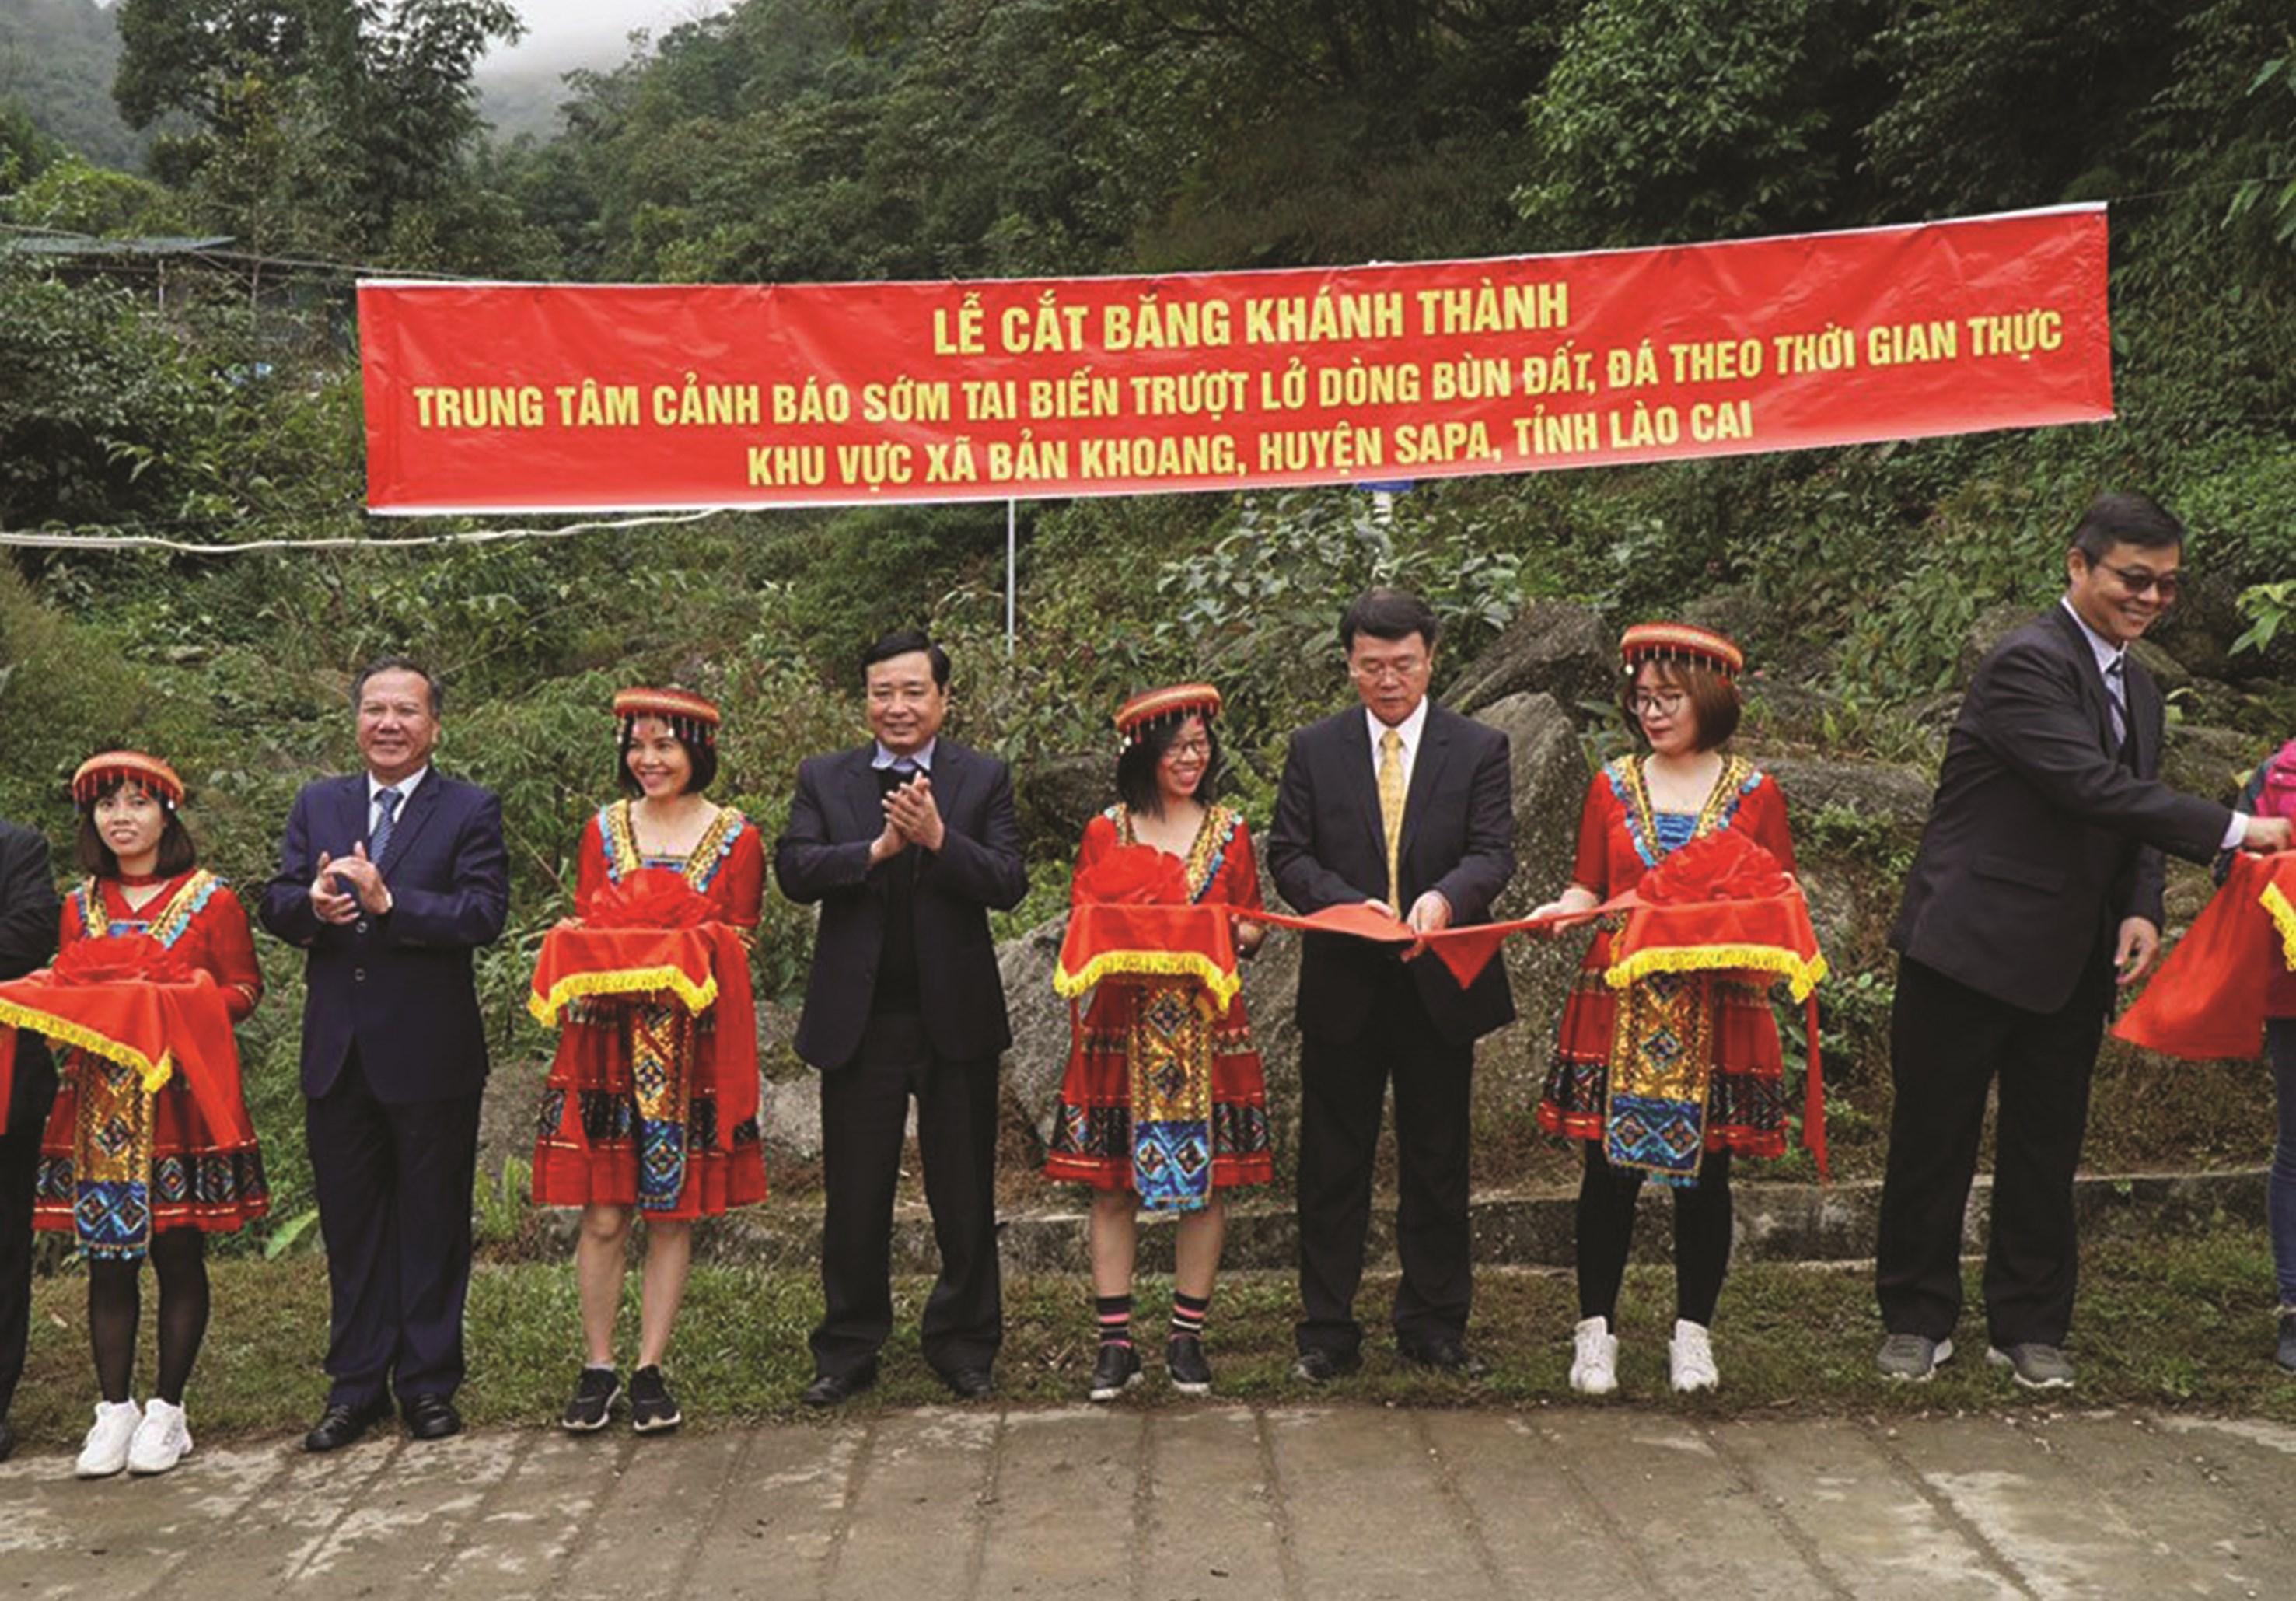 Lào Cai là một trong những tỉnh đi đầu trong việc hoàn thiện hệ thống cảnh báo thiên tai